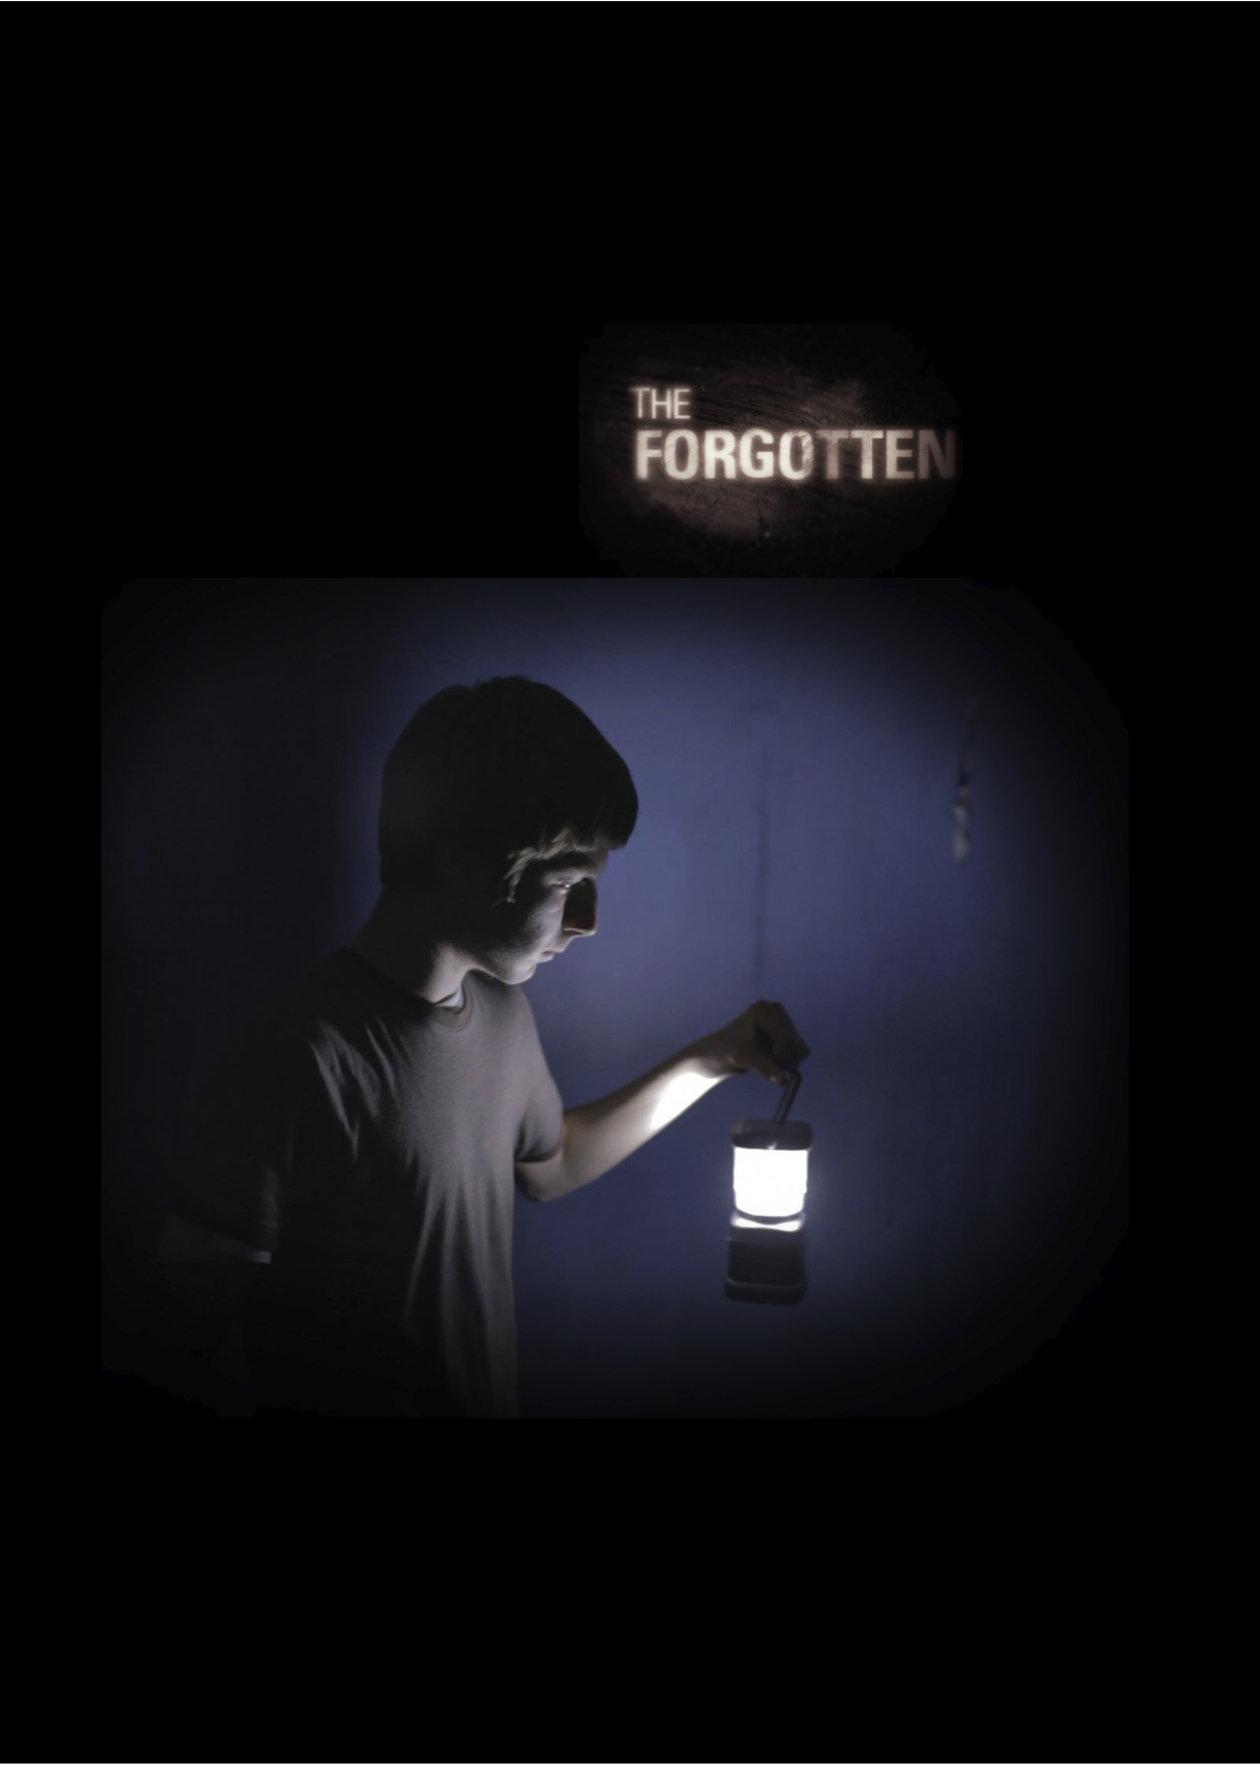 فیلم سینمایی The Forgotten به کارگردانی Oliver Frampton